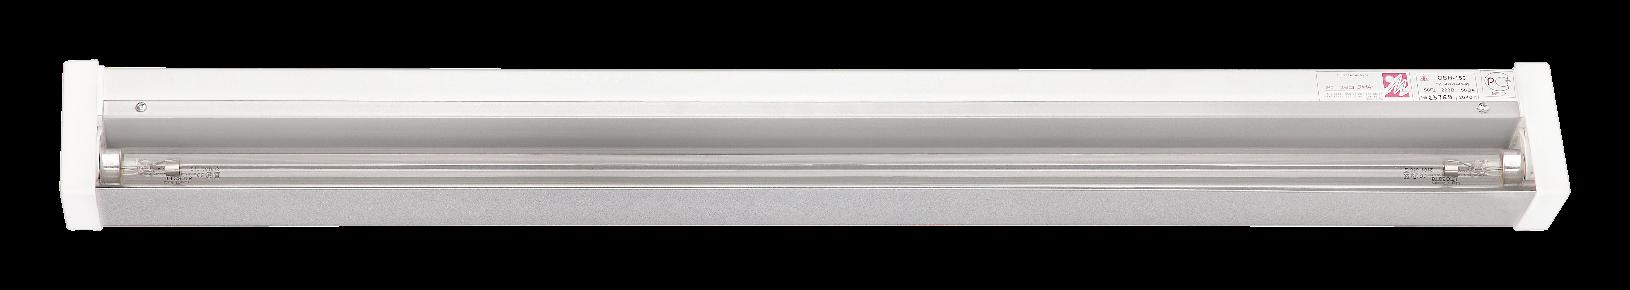 Бактерицидный настенный облучатель ОБН 150 с экраном (одноламповый)